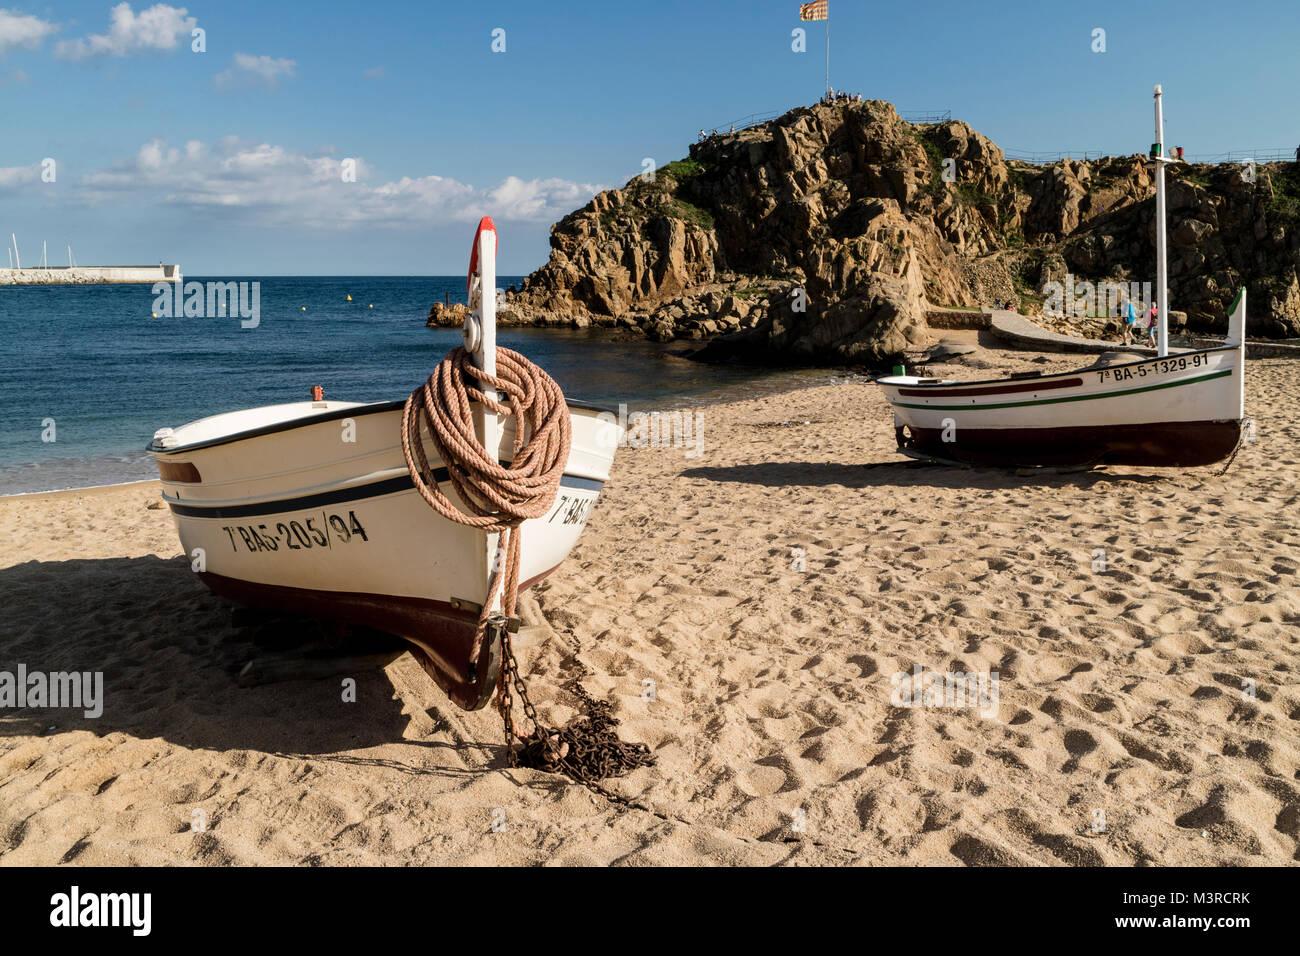 Blanes mit Booten am Strand, Blick auf die Felseninsel vor dem Strand, Fischerboote im Vordergrund Stockbild